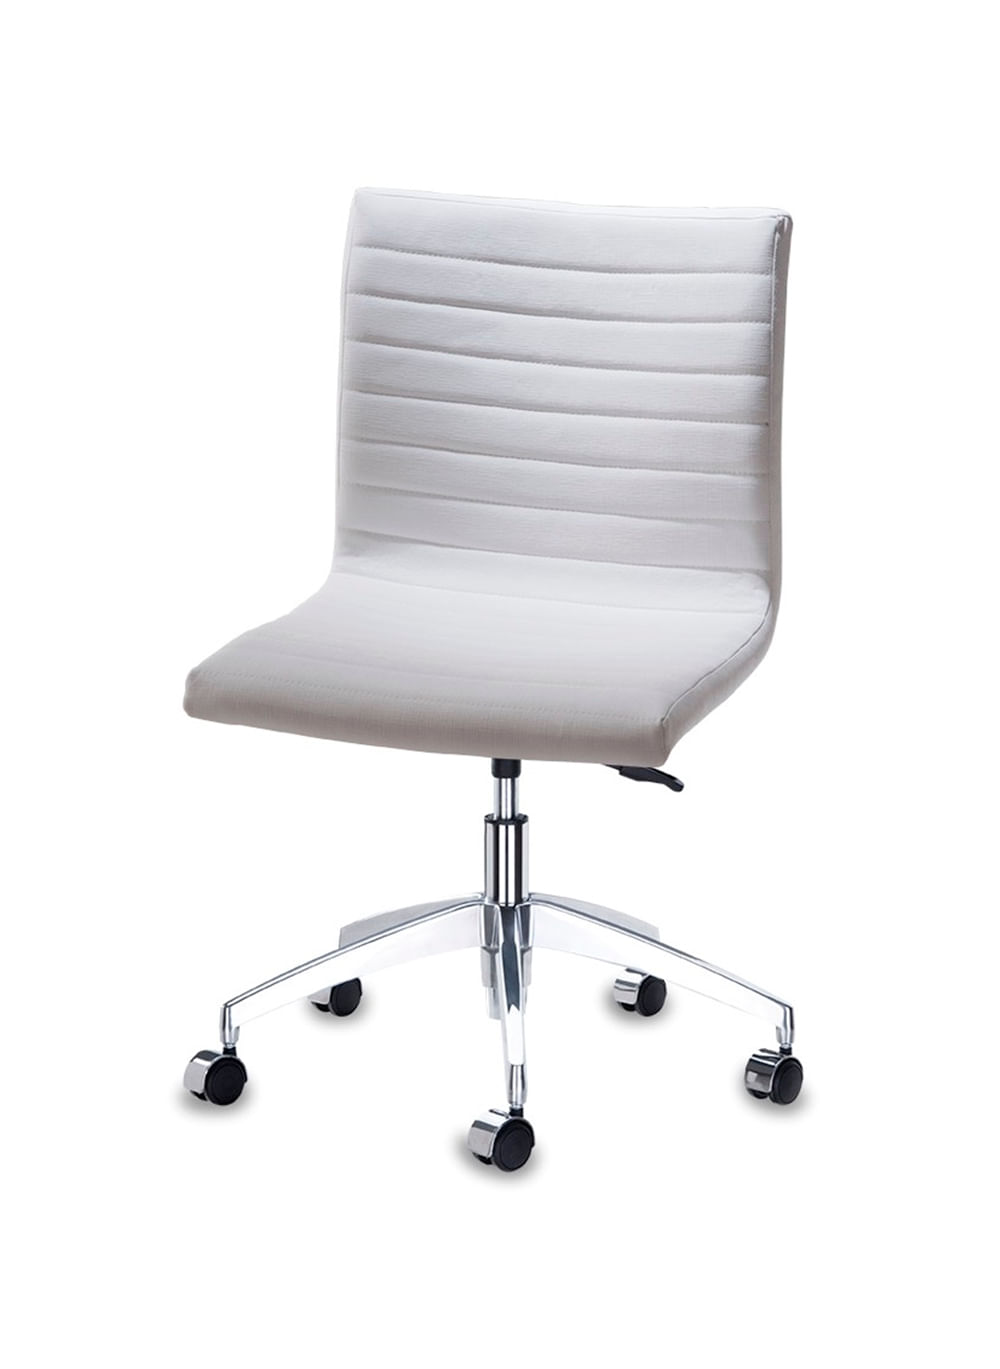 Cadeira Quiz Assento Linho Branco com Base Rodizio em Aluminio - 46920